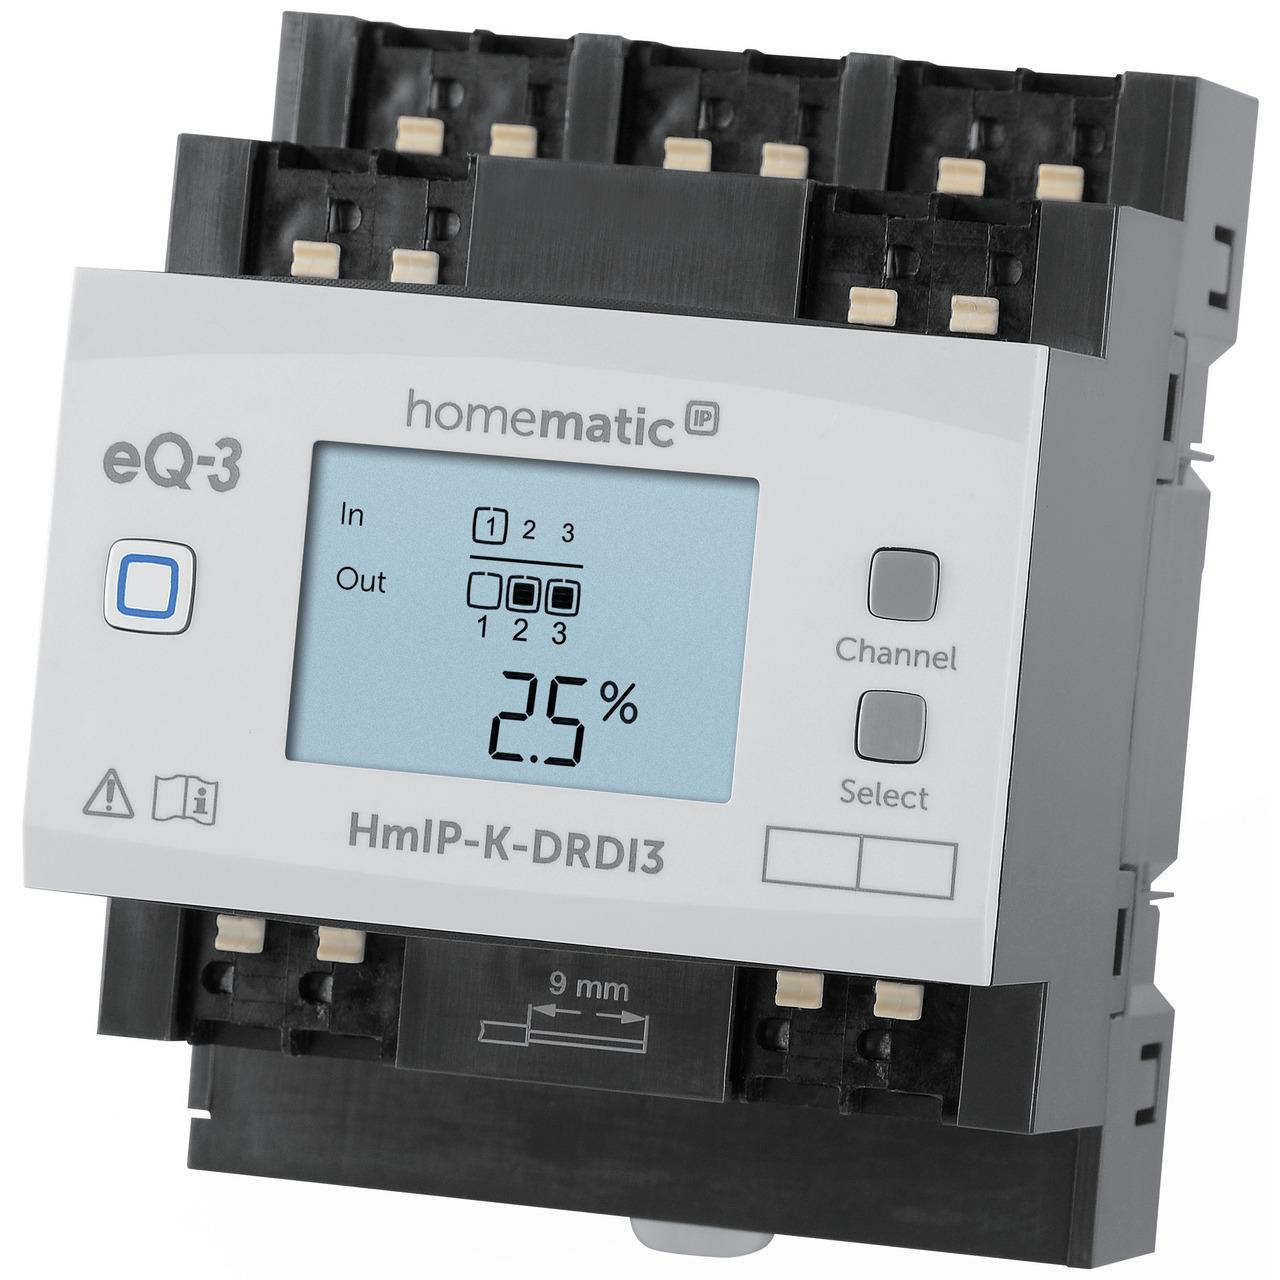 ELV Homematic IP Komplettbausatz 3-fach-Funk-Dimmaktor für Hutschienenmontage HmIP-K-DRDI3